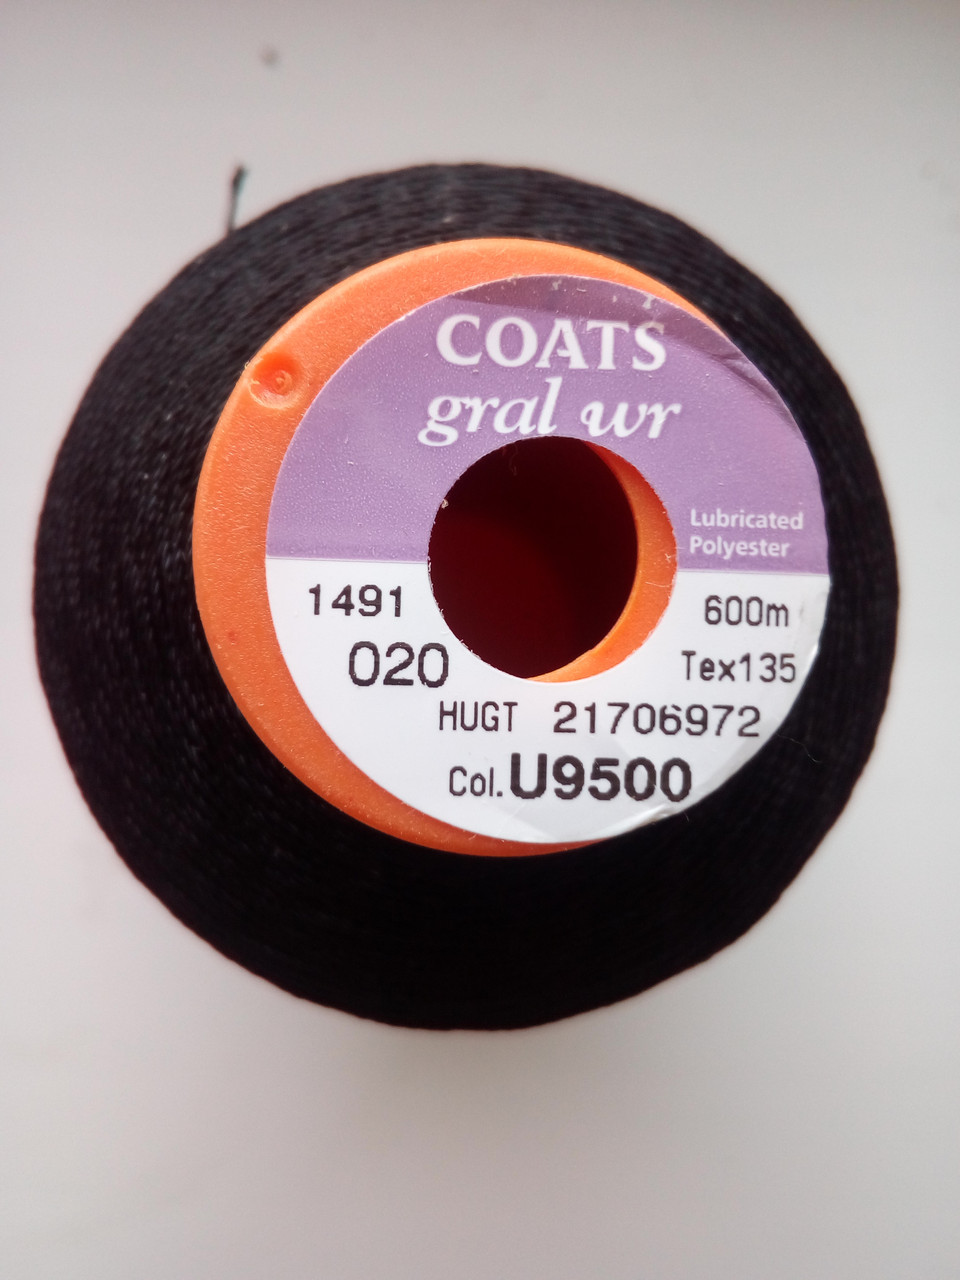 Coats Gral wr №20.  цвет Чёрный.  600 м.  ВЛАГОЗАЩИТНАЯ ПРОПИТКА